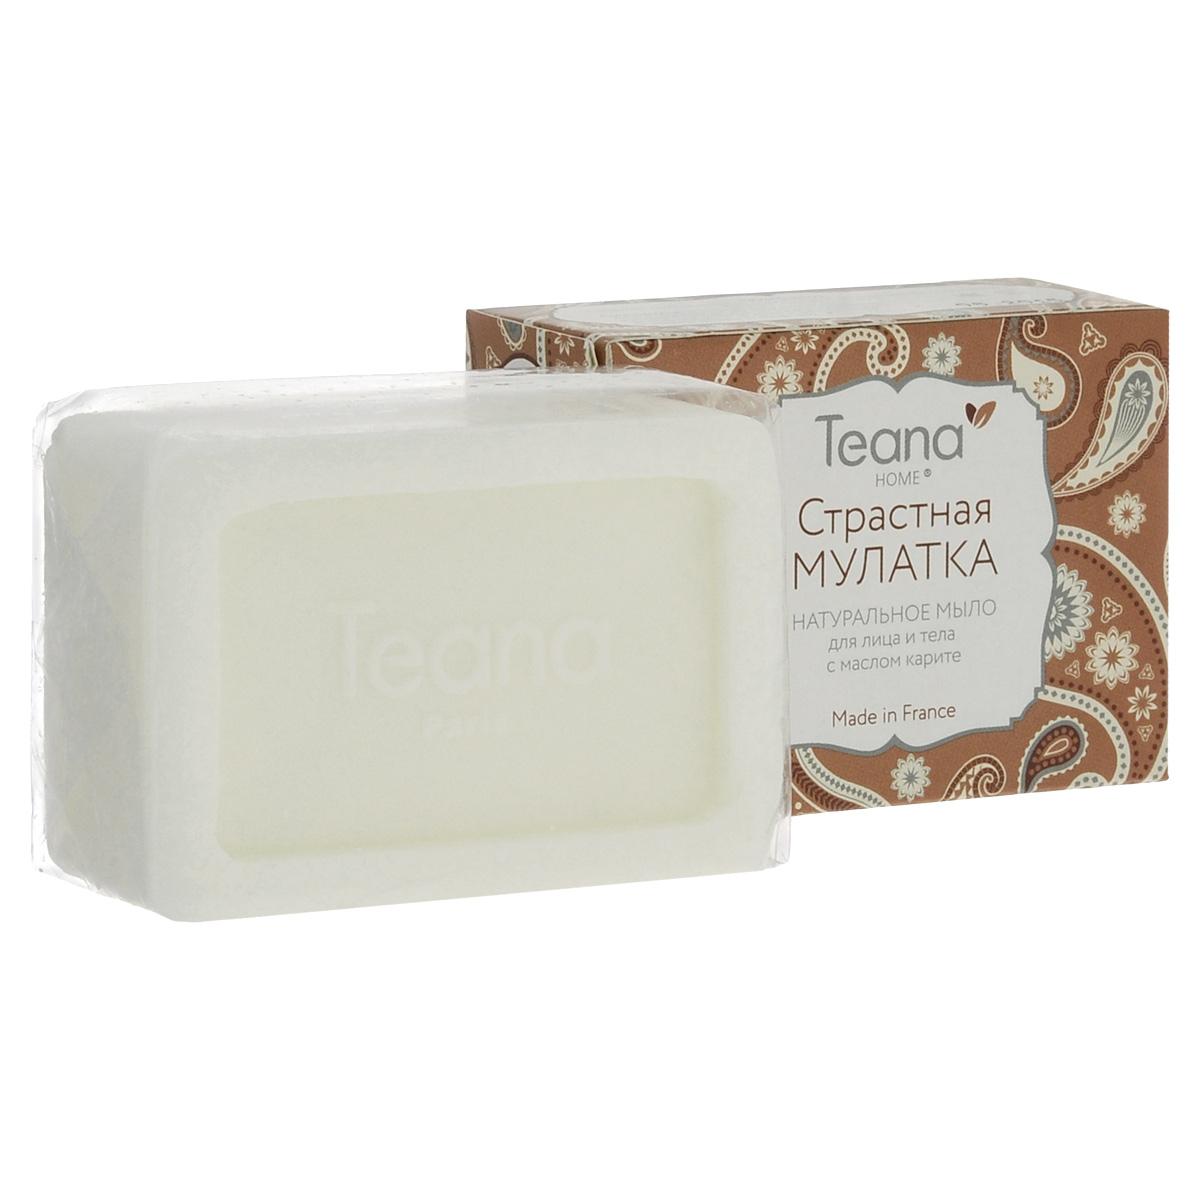 Teana Натуральное мыло для лица и тела Страстная мулатка, для сухой кожи, с маслом карите, 100 гTh001Натуральное мыло Teana с маслом карите необычайно нежное. Идеально для чувствительной кожи, склонной к сухости. Его природные компоненты активно смягчают, увлажняют, тонизируют, восстанавливают кожу и стимулируют выработку коллагена. Регулярное использование мыла подарит коже естественную красоту и здоровье. Уменьшается ощущение стянутости, повышается тонус и упругость кожи. Содержит олеиновую, стеариновую и пальмовые кислоты, витамины A, D, E, F. Товар сертифицирован.